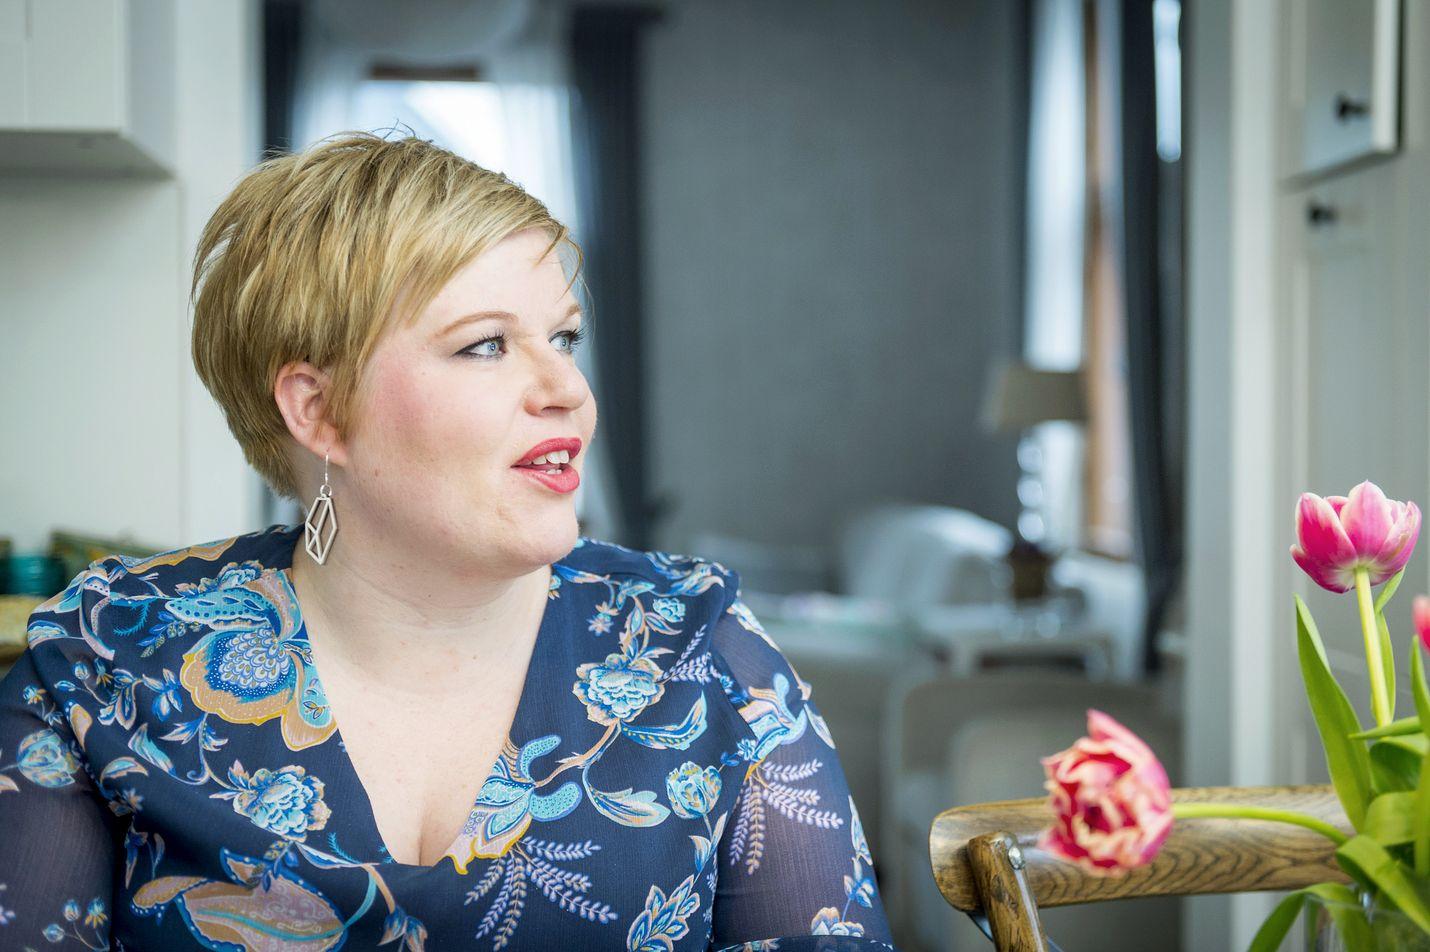 Turkulainen kansanedustaja Annika Saarikko lupaa täyden tukensa keskustan jäsenten valitsemalle uudelle puheenjohtajalle.